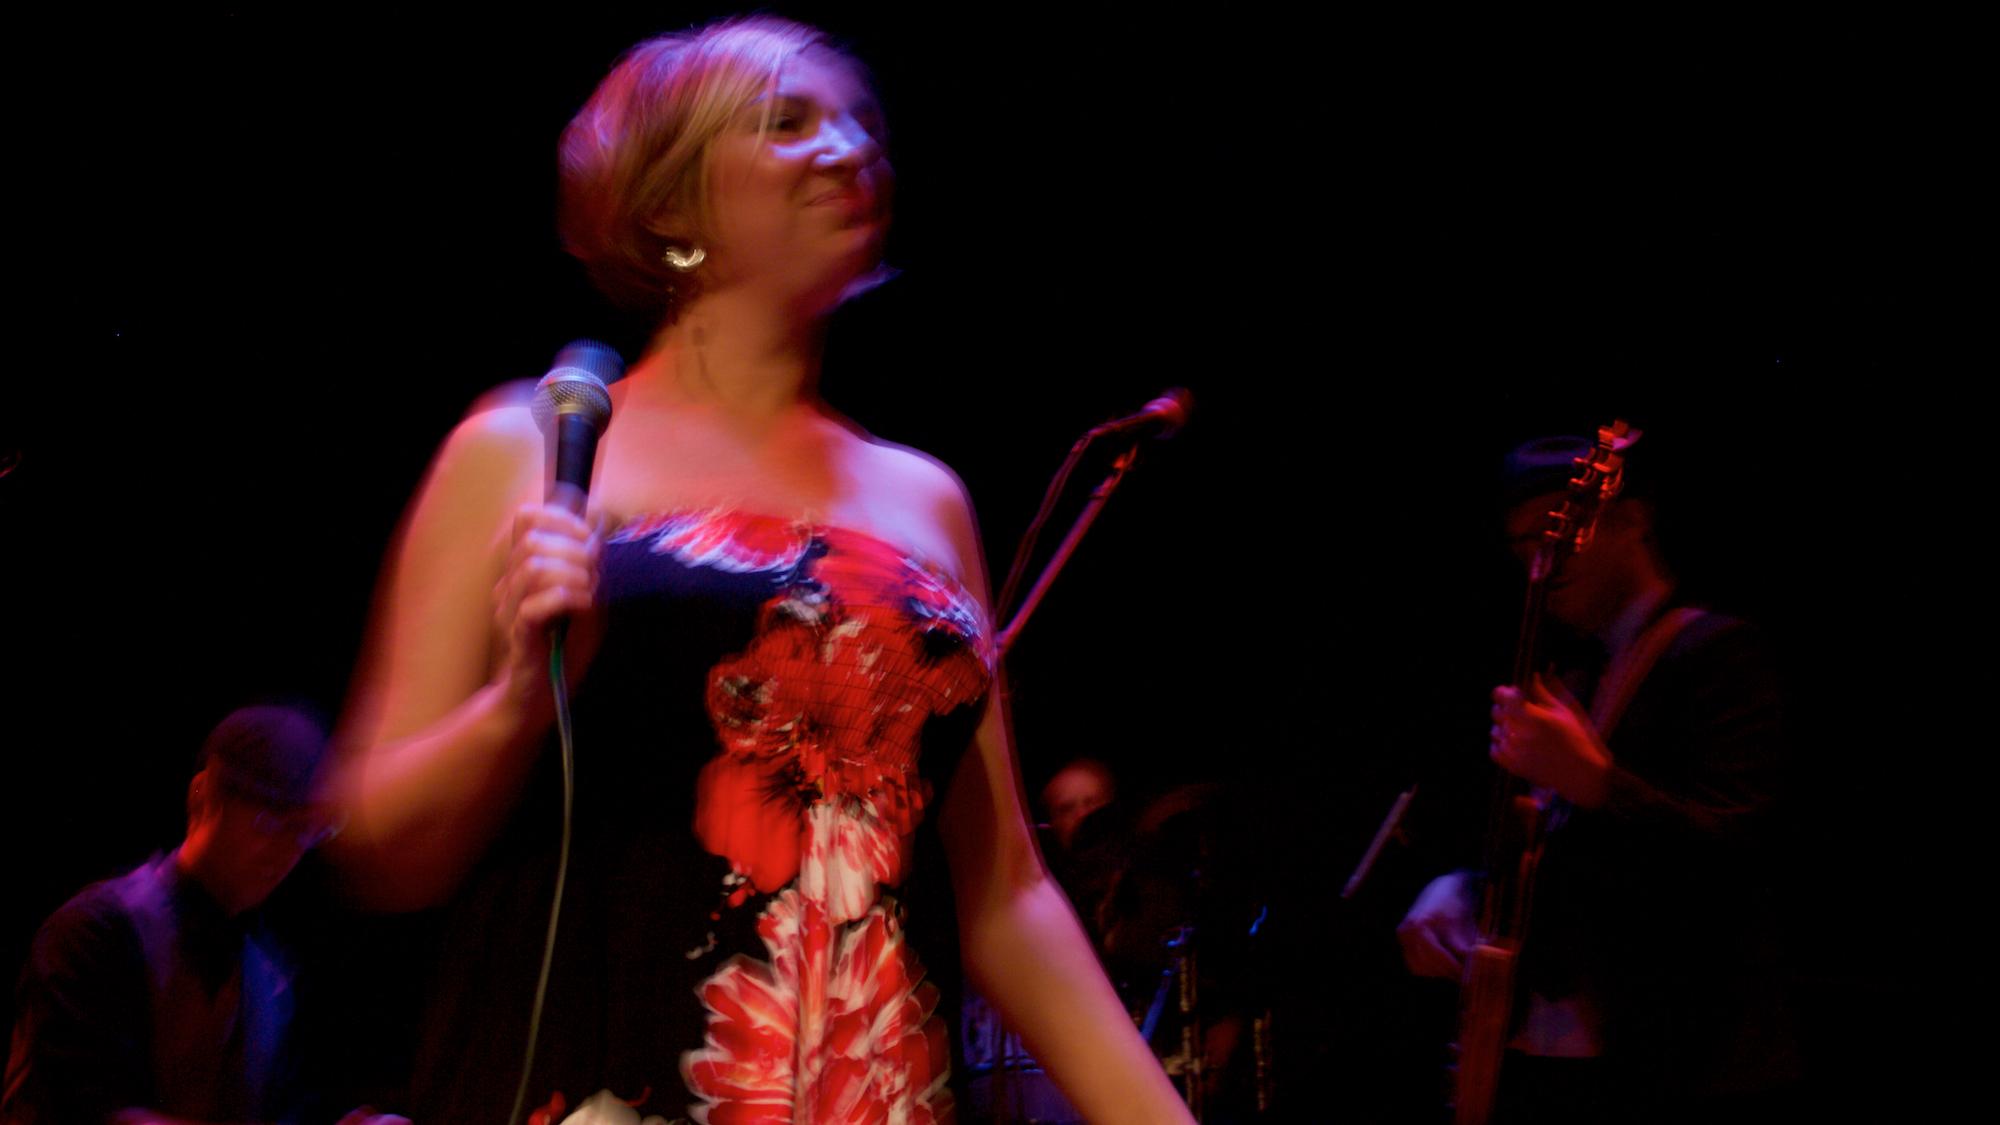 Sara groovy blur.jpg